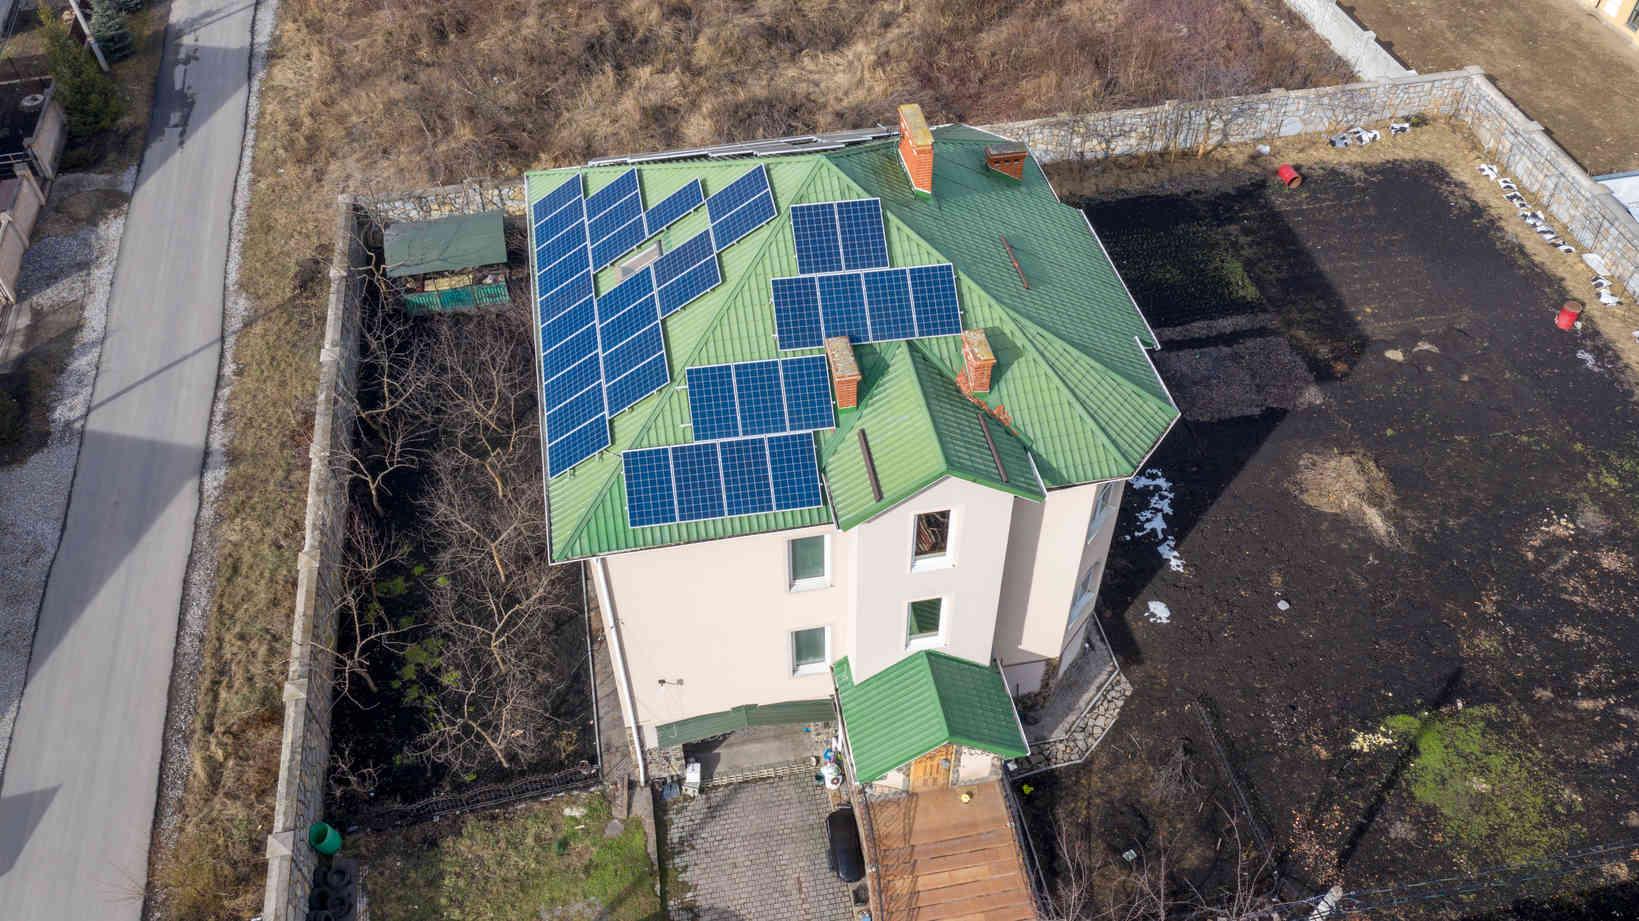 Мережева сонячна електростанція (СЕС) потужністю 15,12 кВт – Фотозвіт #2